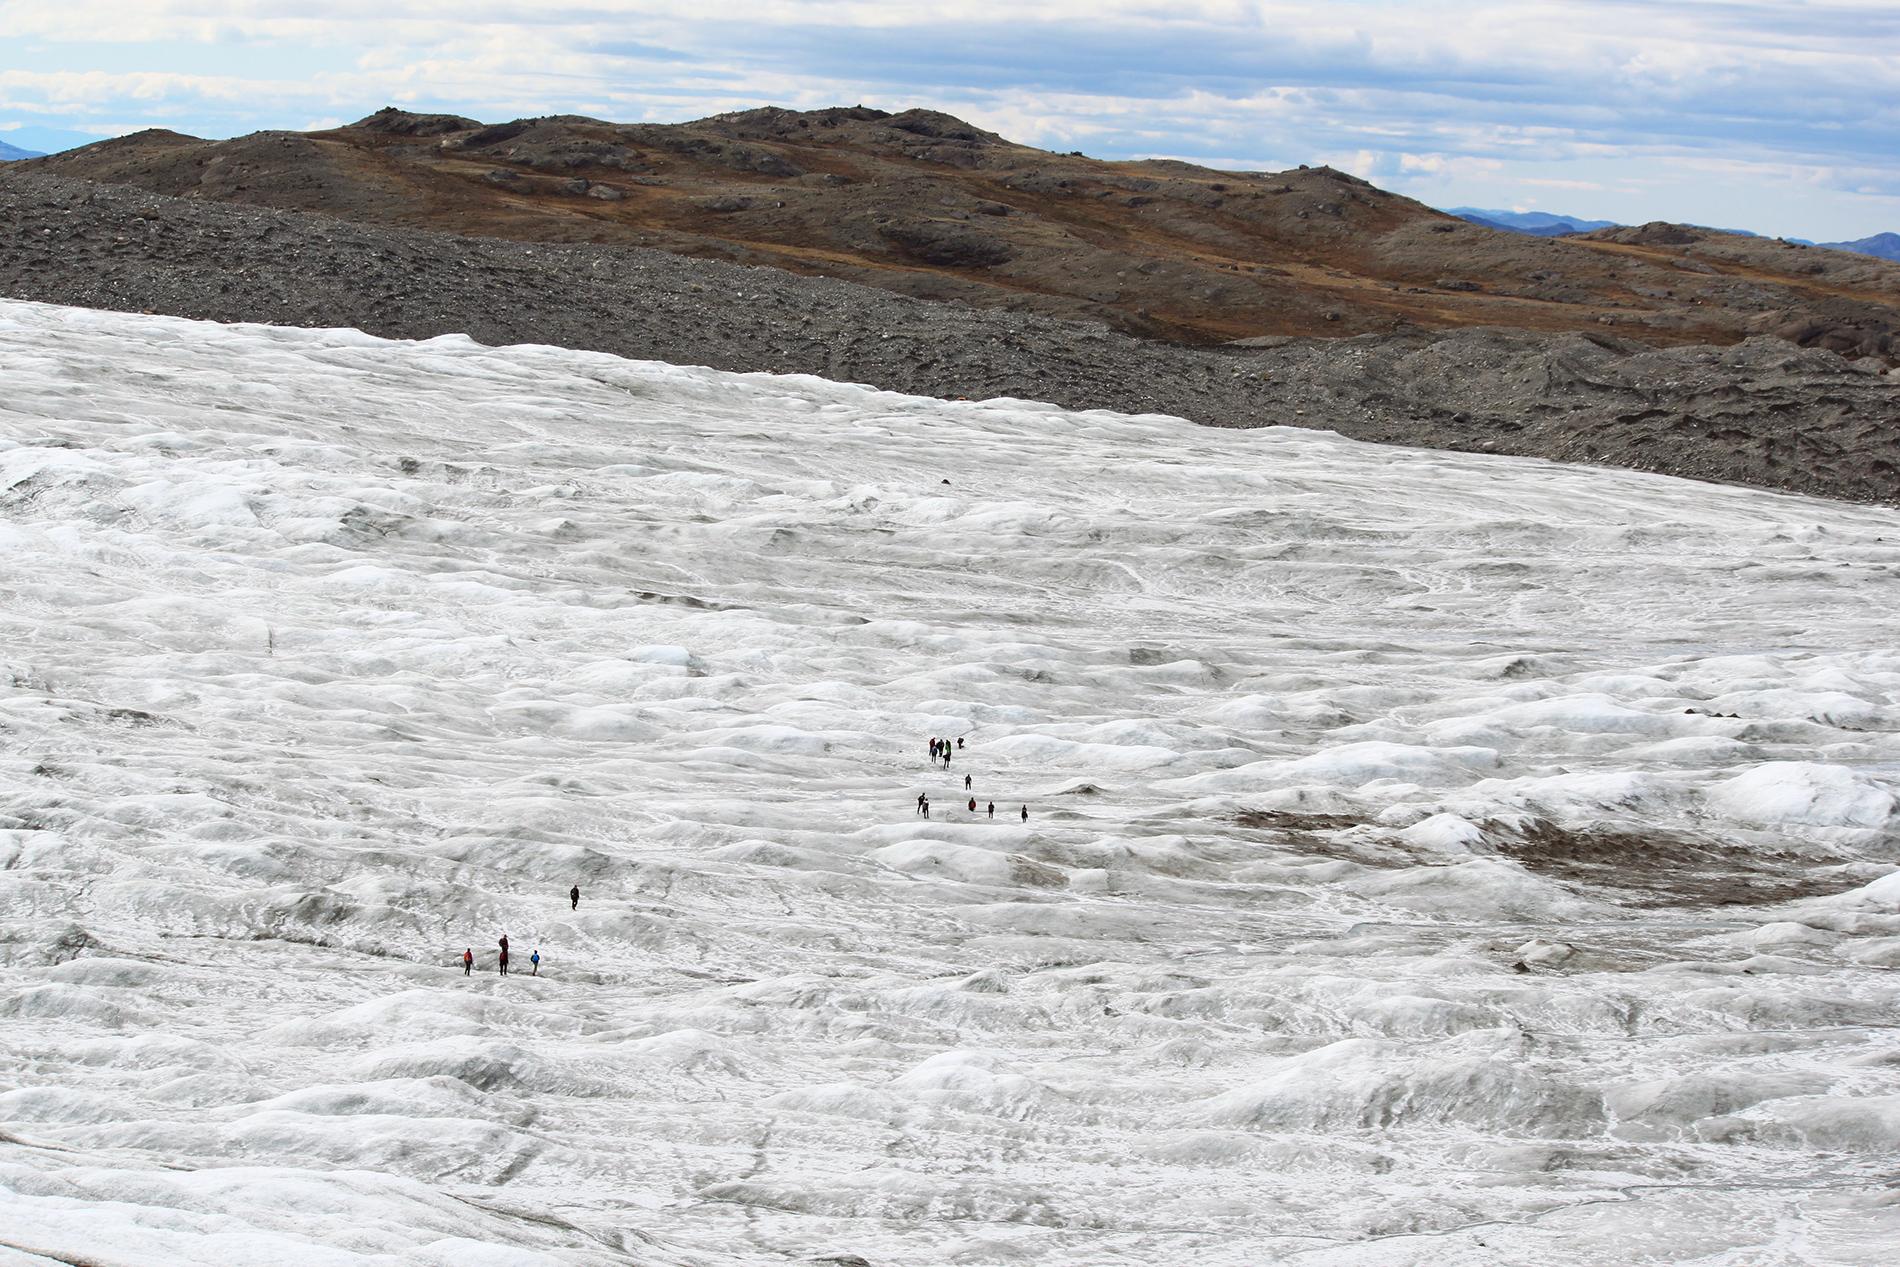 Mannerjää peittää noin 80% Grönlannin pinta-alasta. Jään paksuus saaren keskiosassa on yli kolme kilometriä.